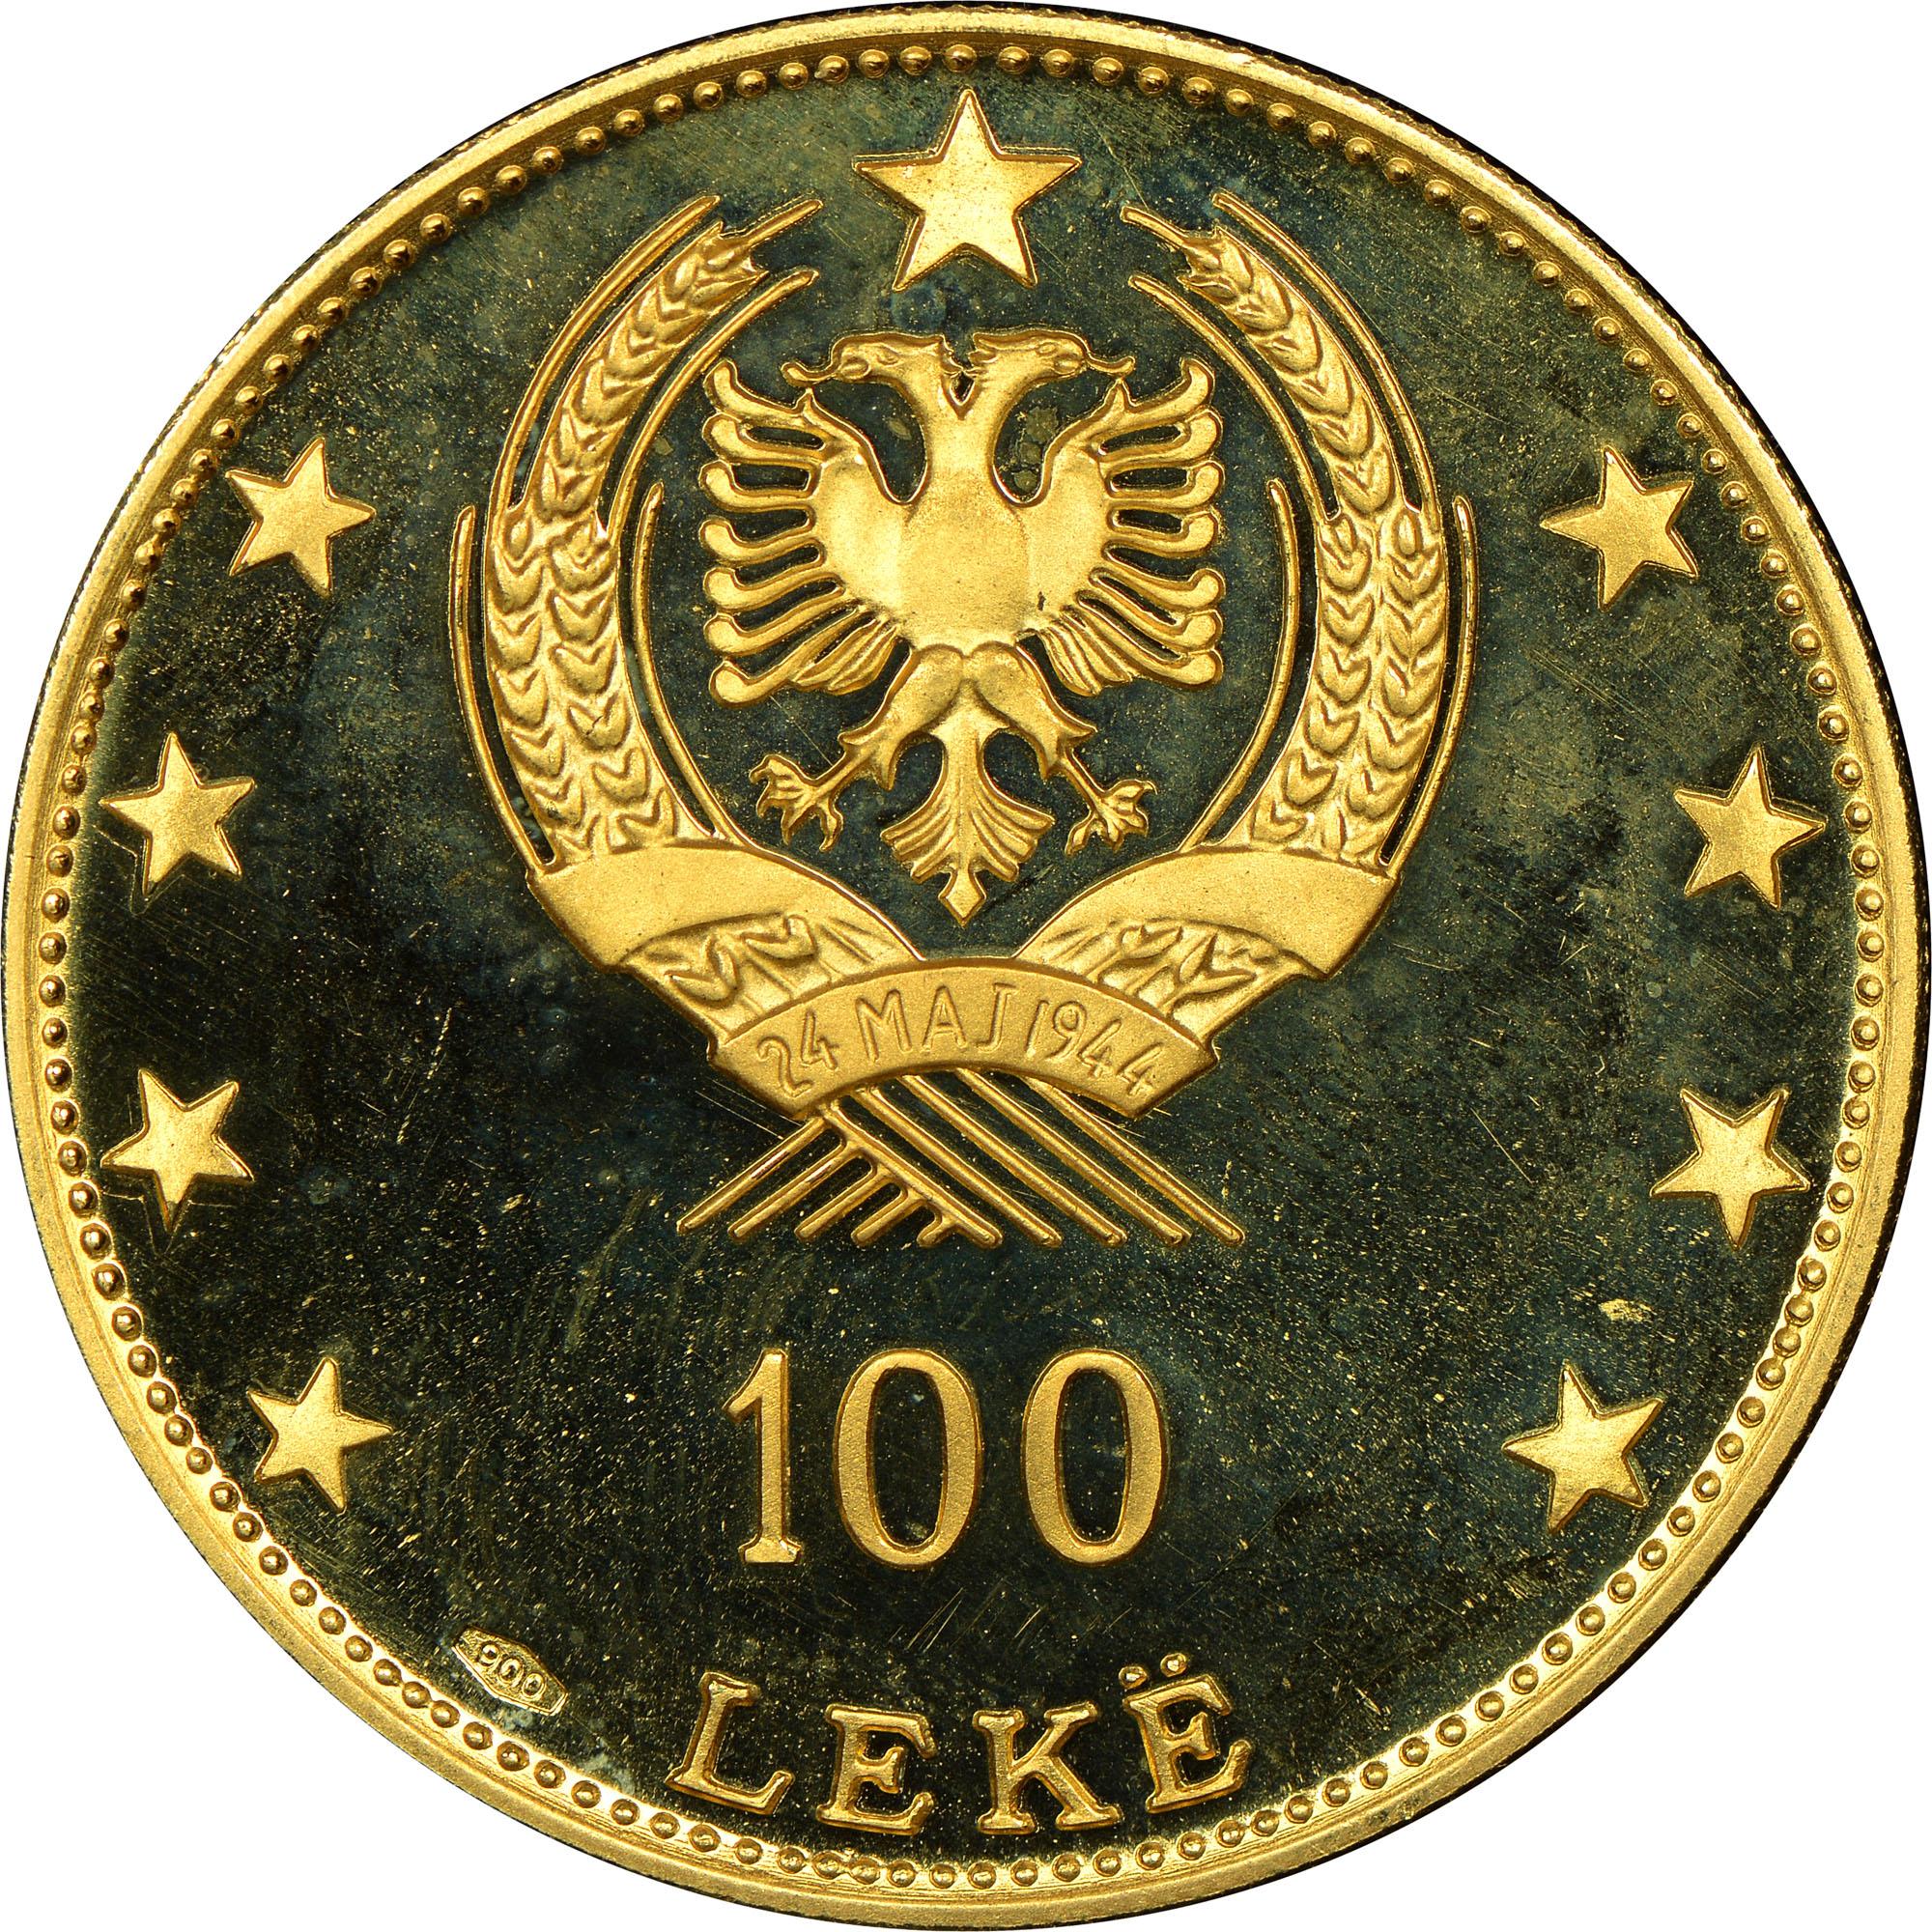 1968 Albania 100 Leke reverse